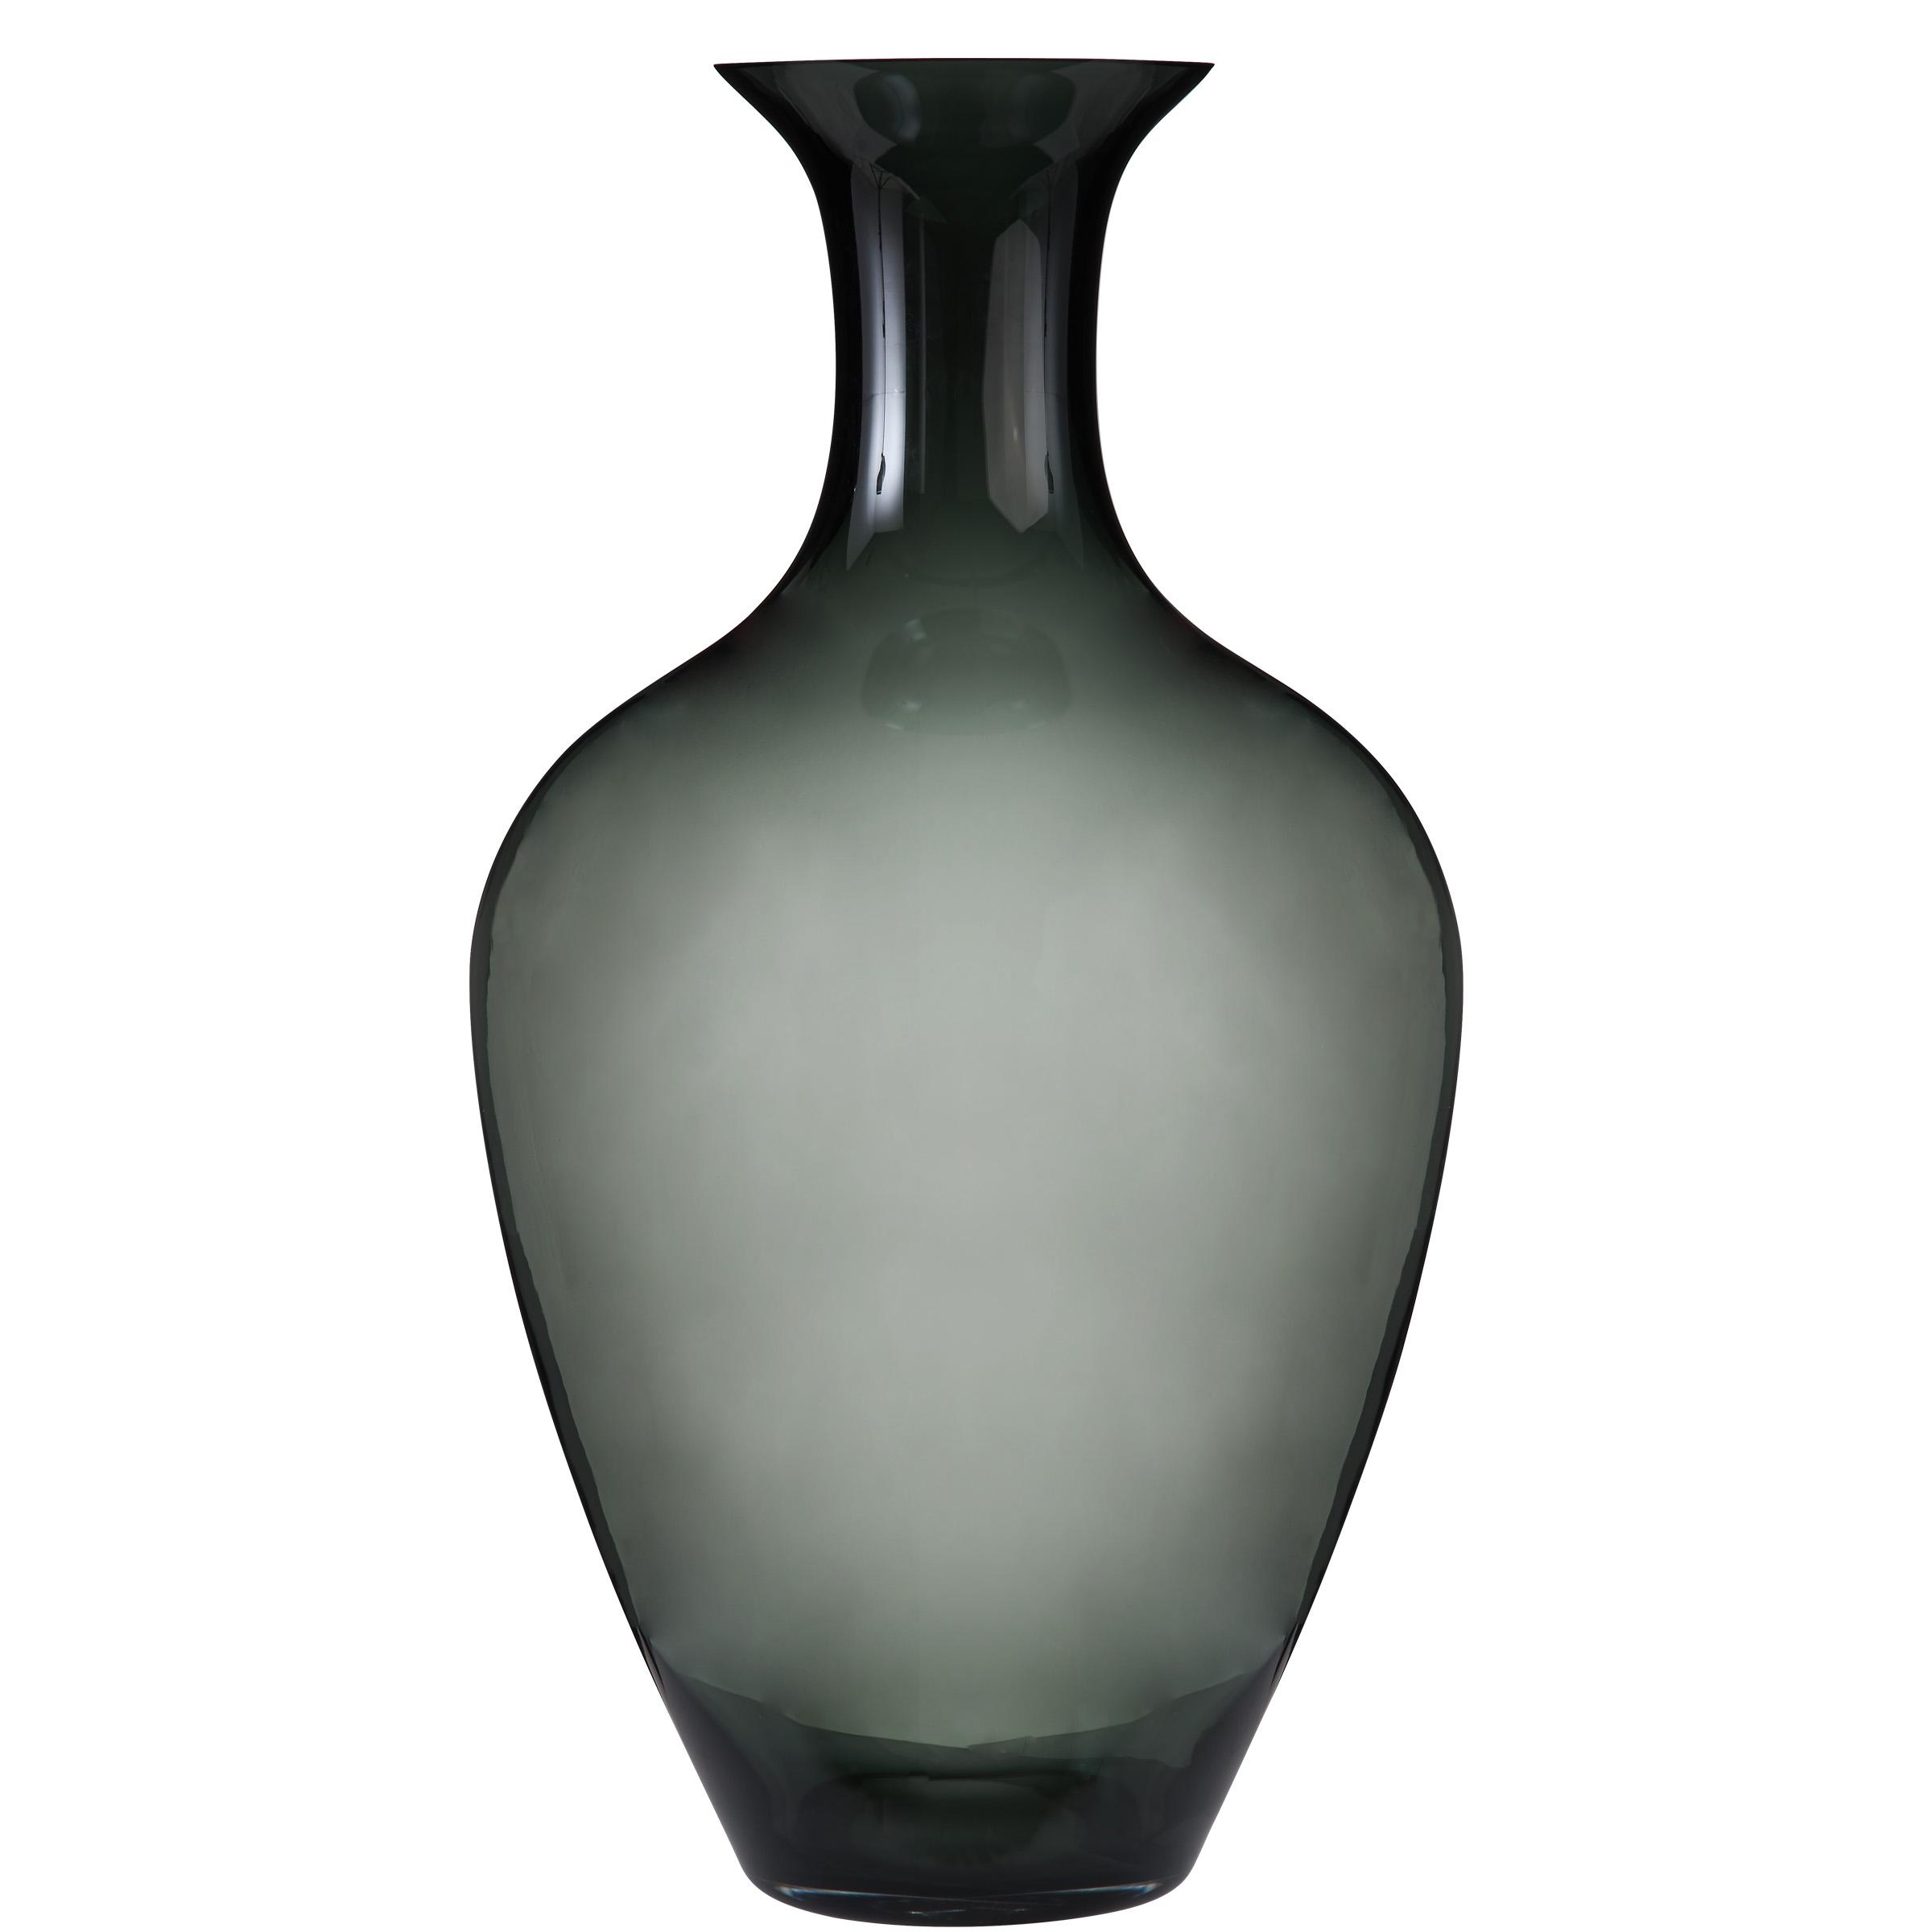 hang on glaskugel ornament m bel24. Black Bedroom Furniture Sets. Home Design Ideas